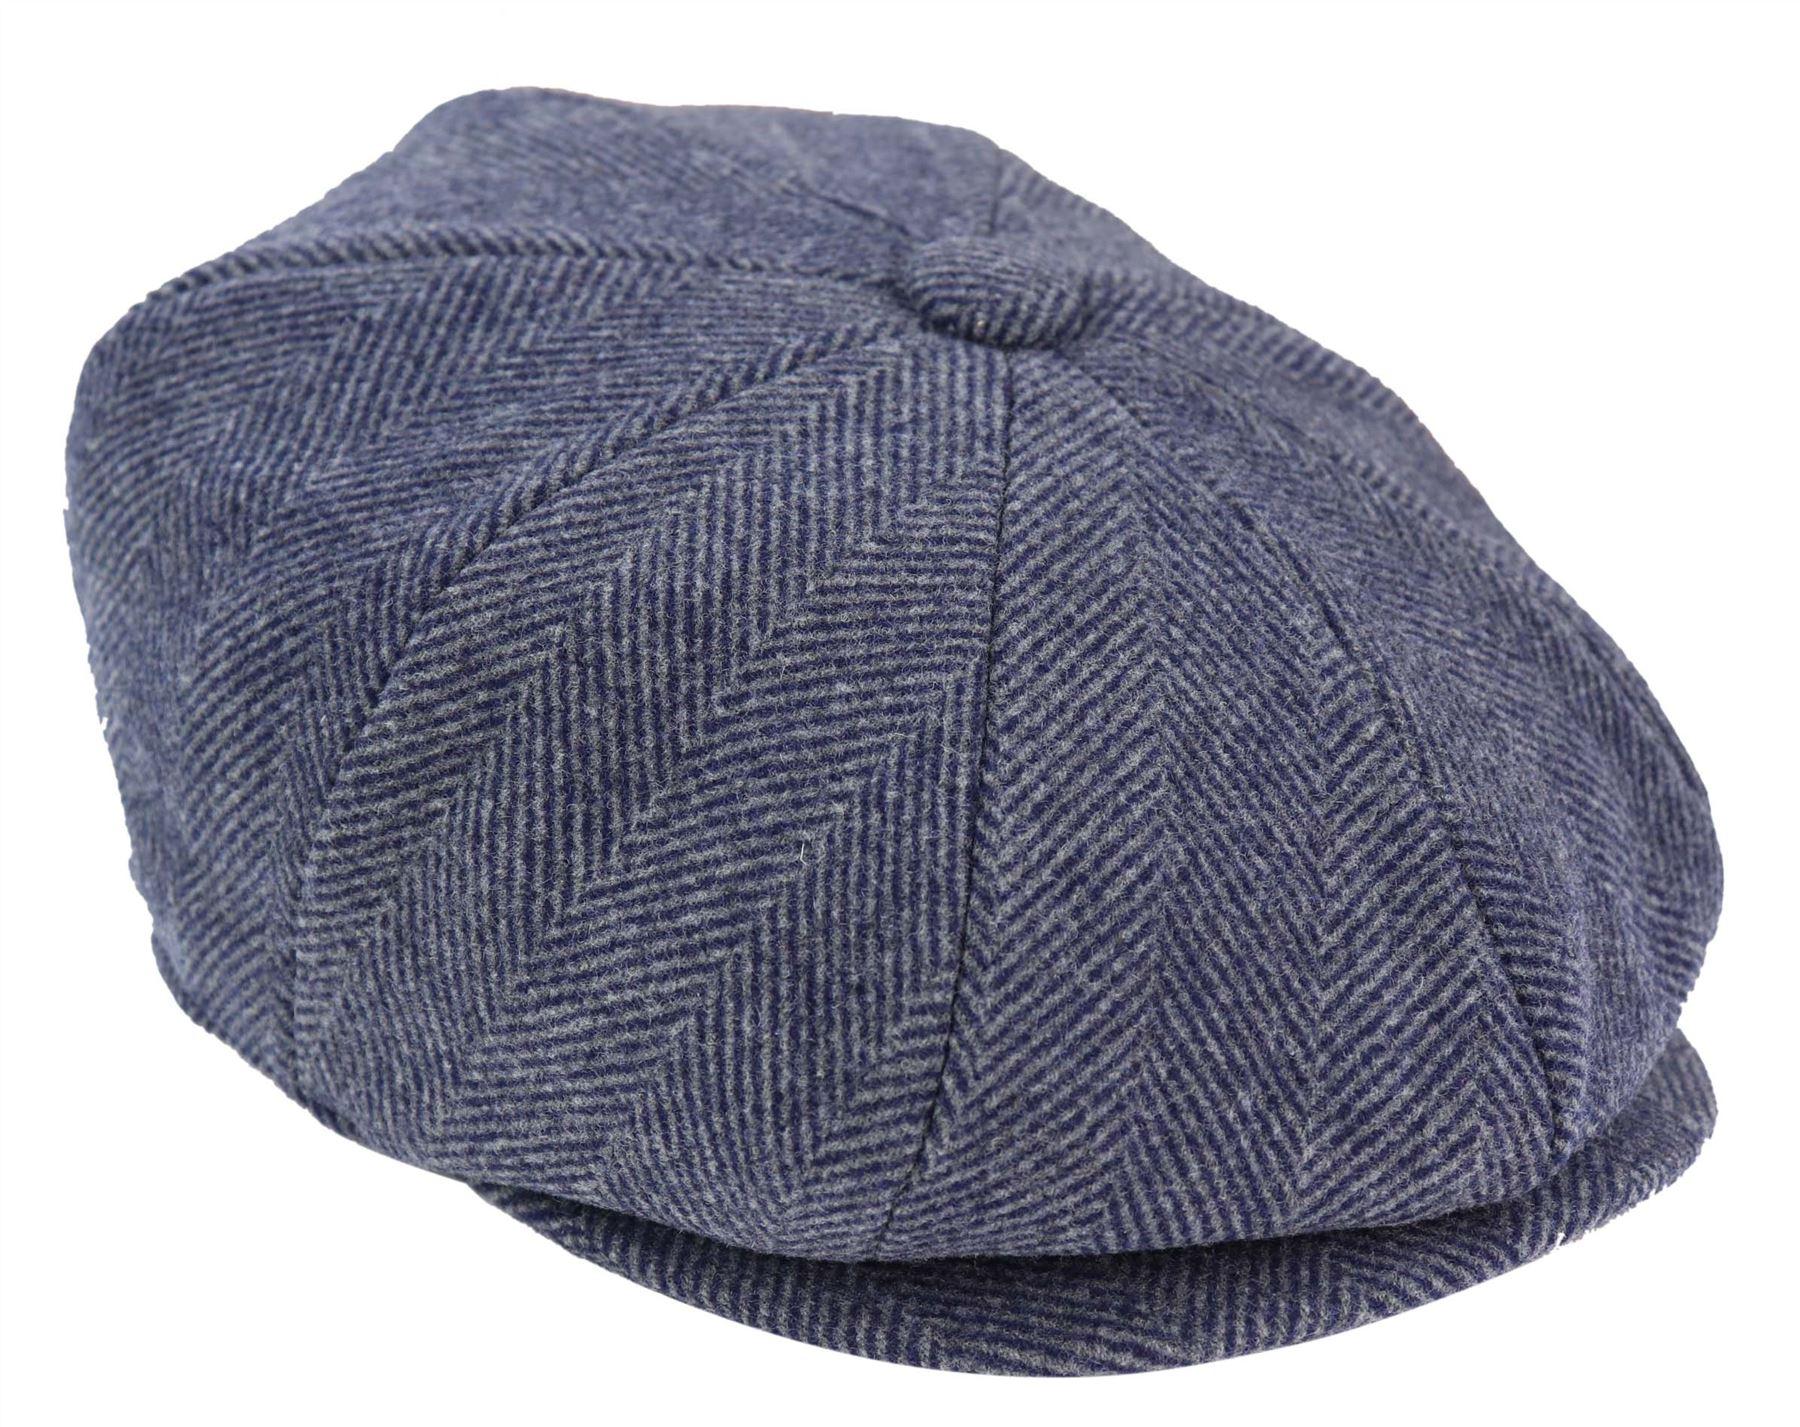 GREY TWEED HERRINGBONE NEWSBOY CAP 8 PANEL BAKER BOY PEAKY BLINDER UK SELLER